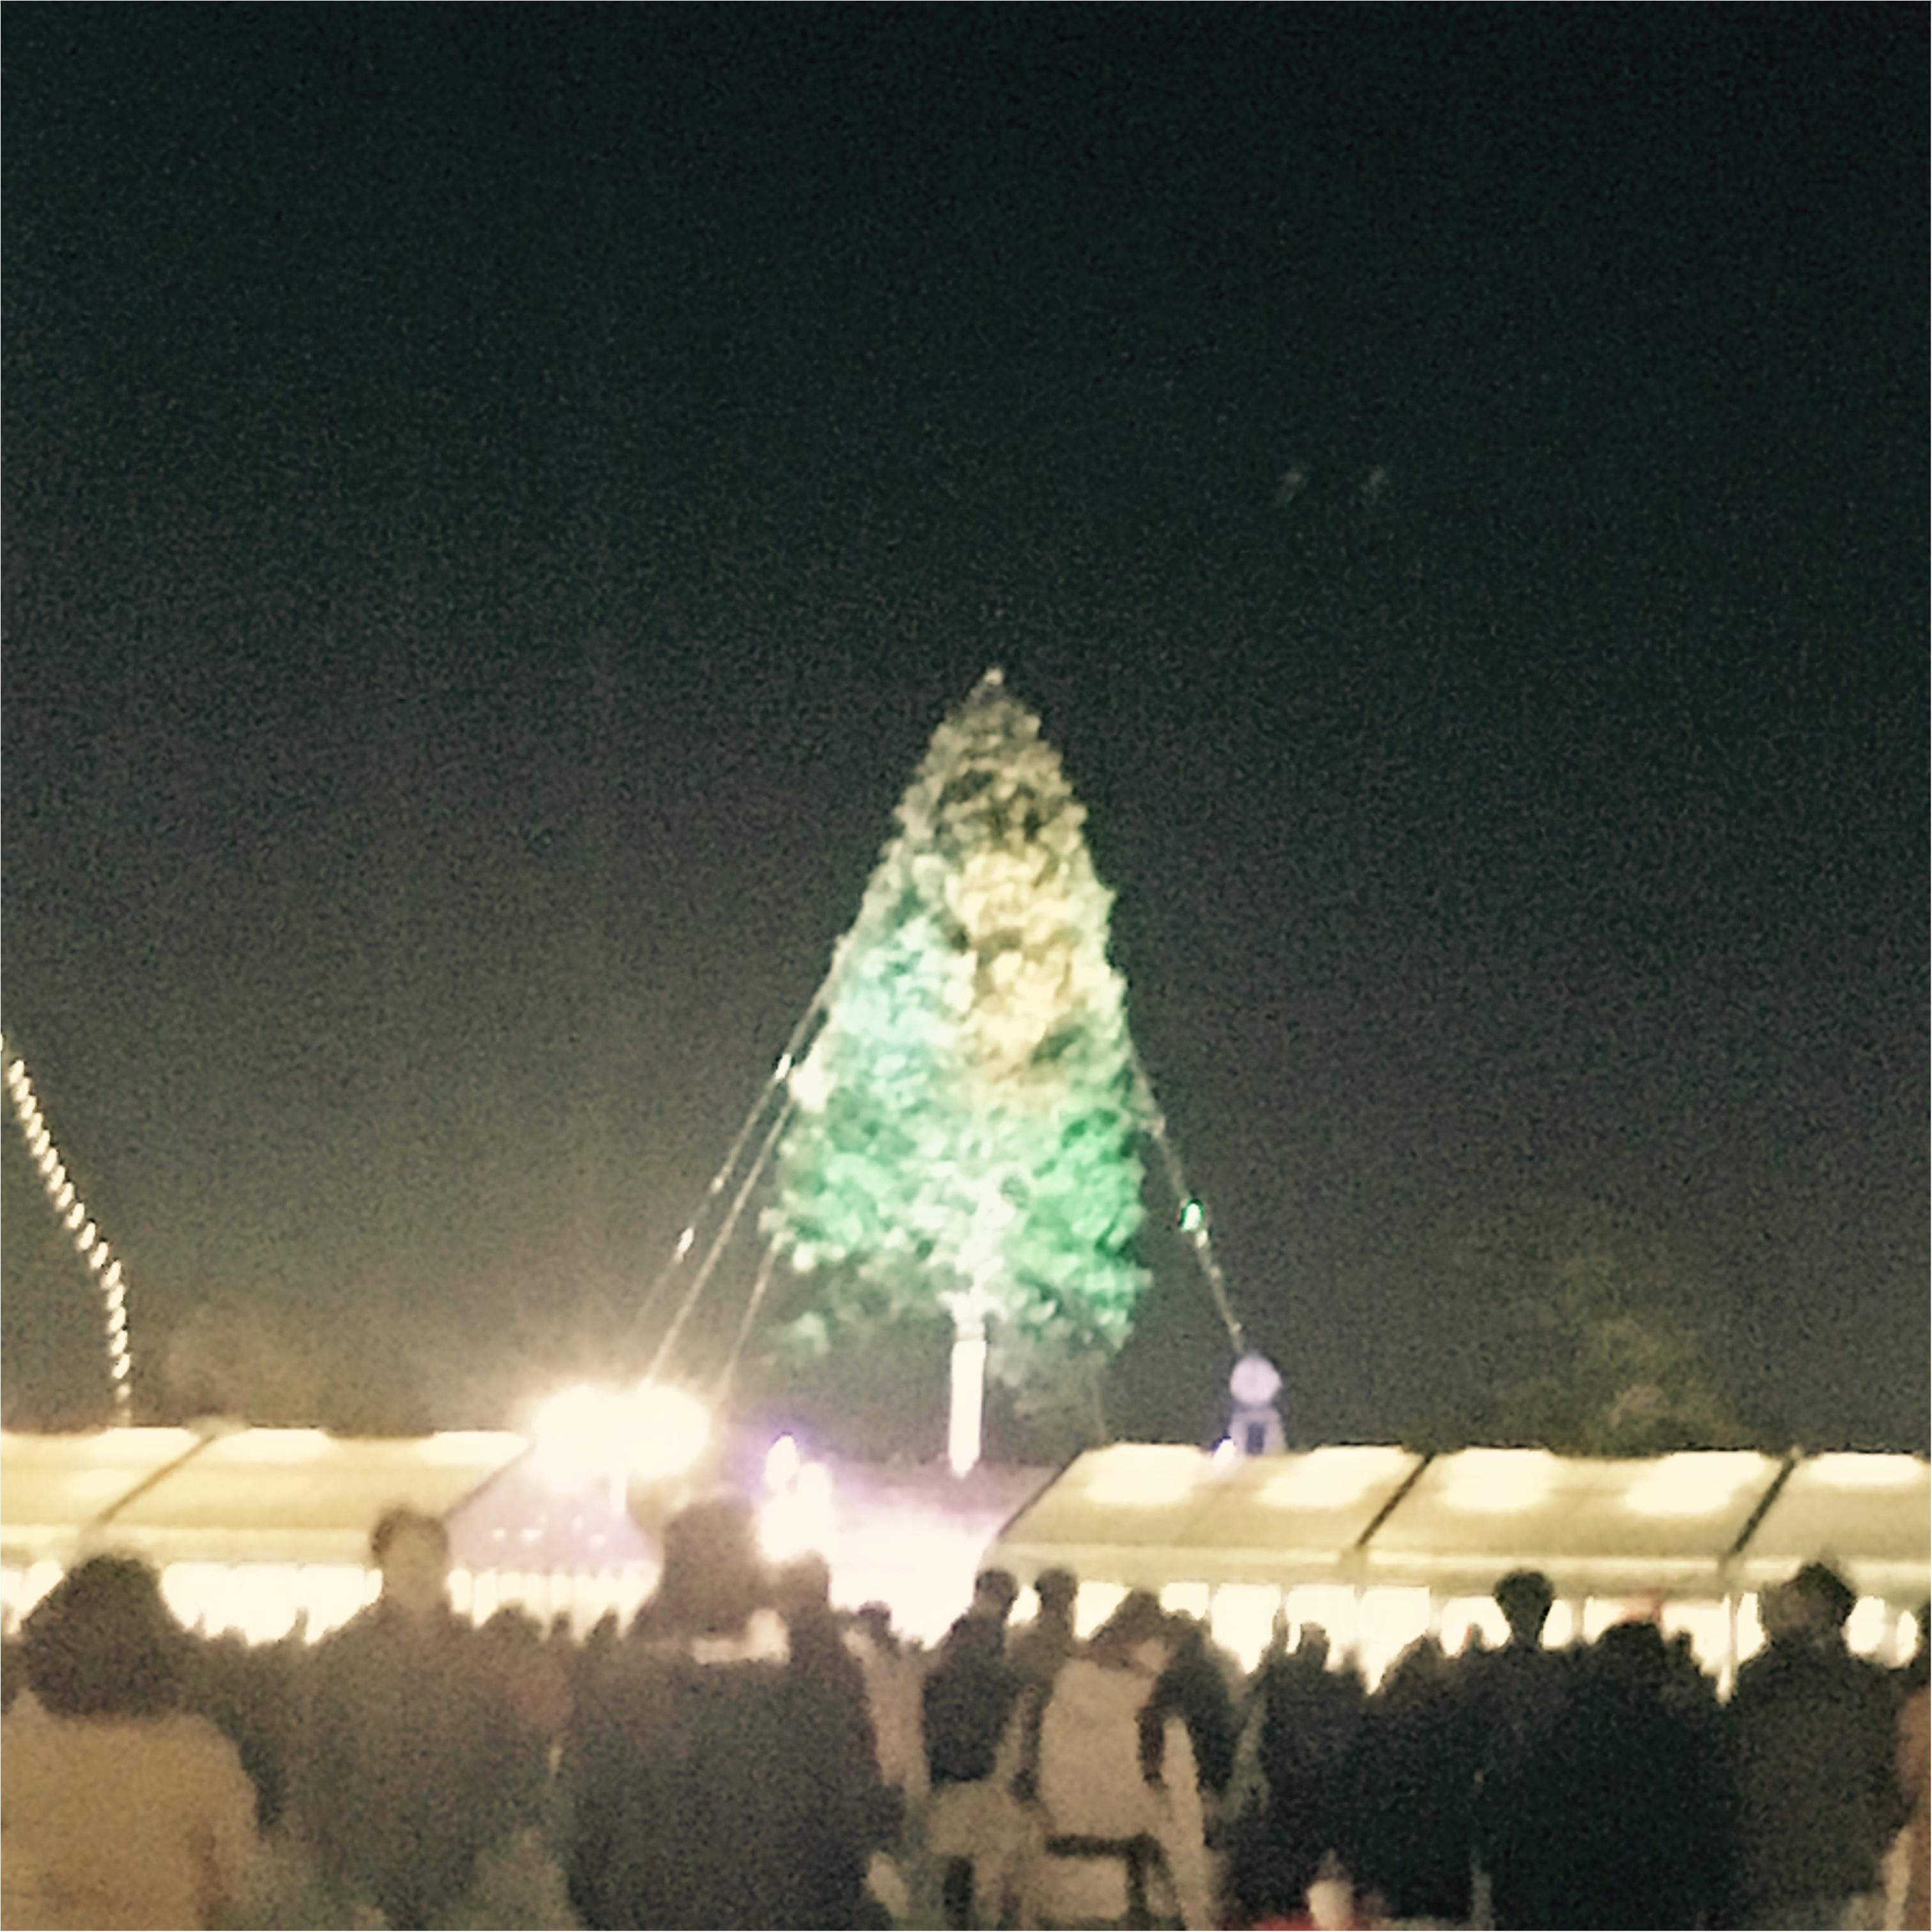 【神戸】で≪世界一高いクリスマスツリー≫が見れちゃうスポット!とってもオススメです!_3